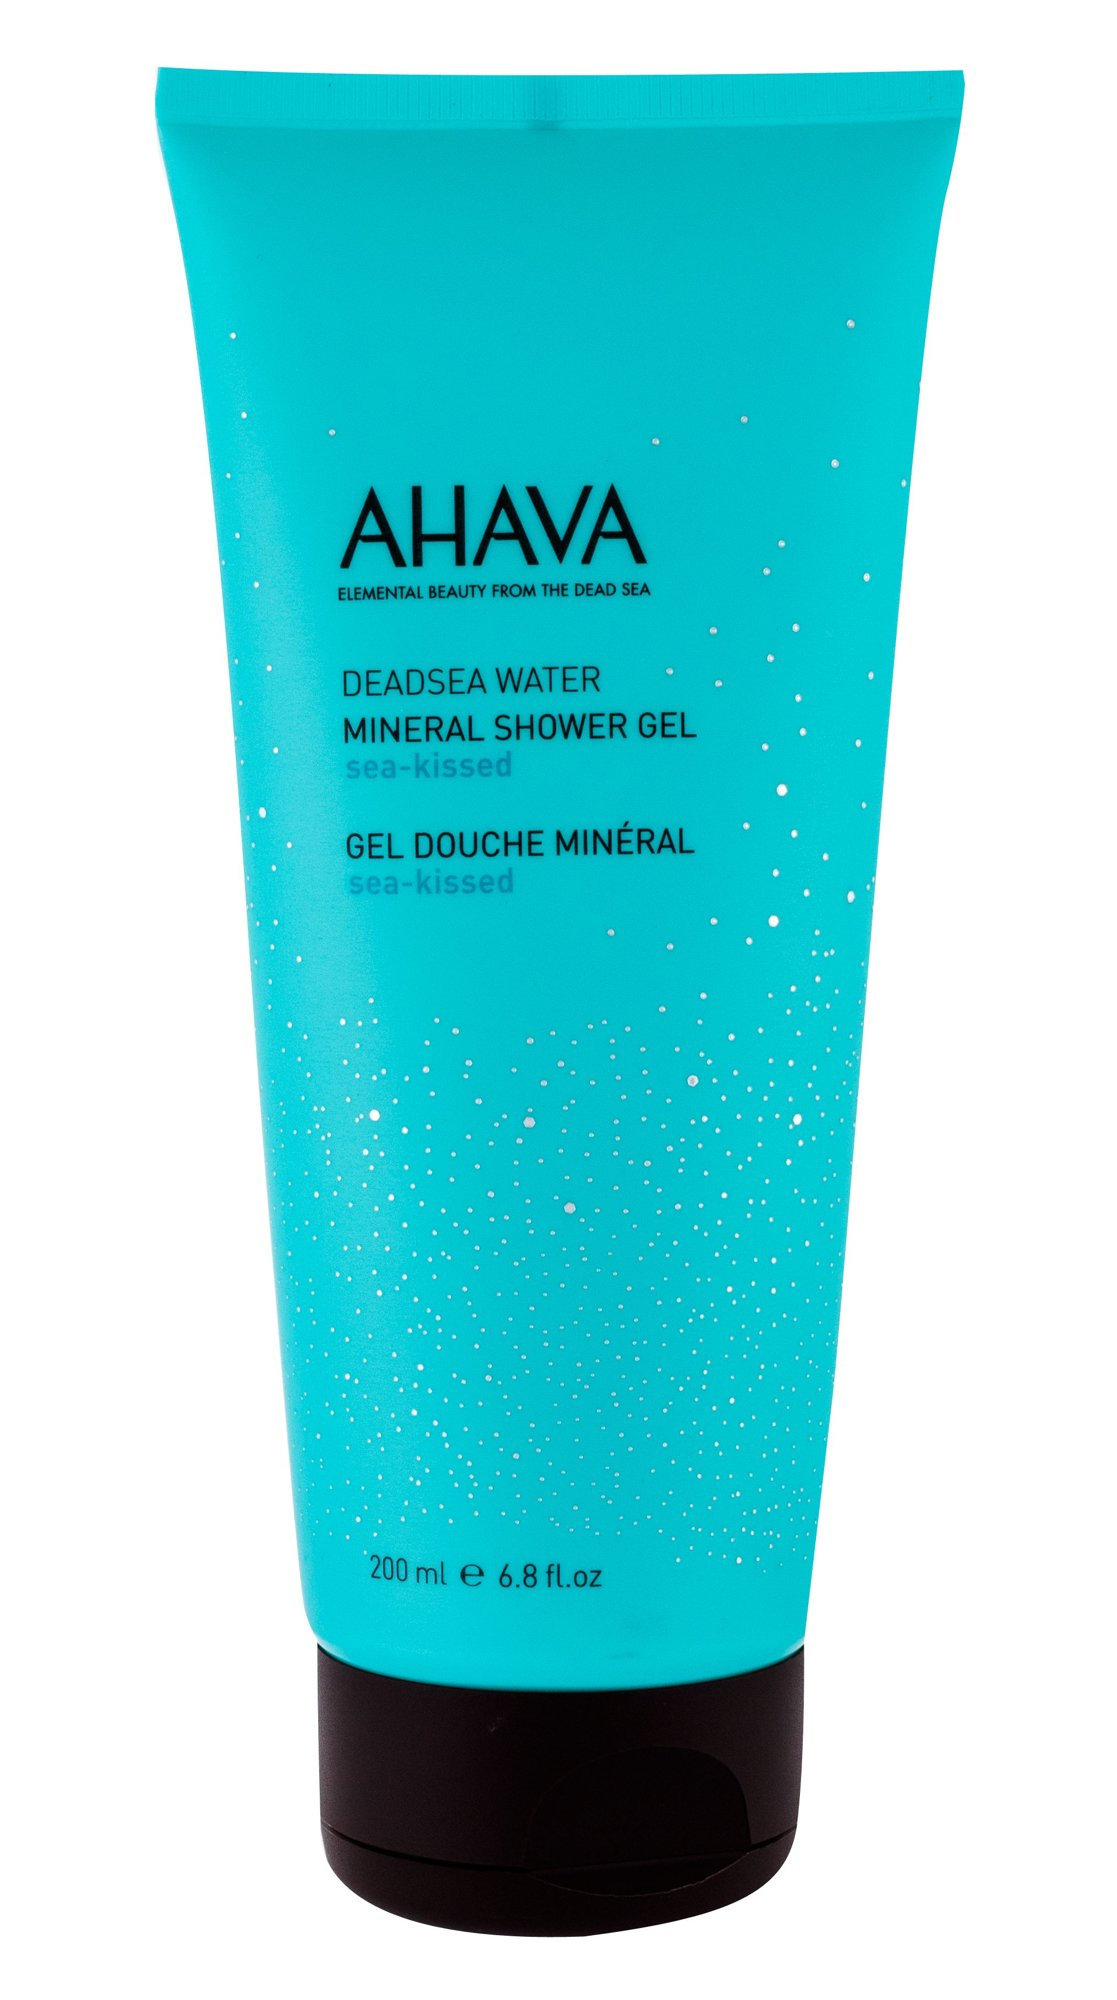 AHAVA Deadsea Water Shower Gel 200ml